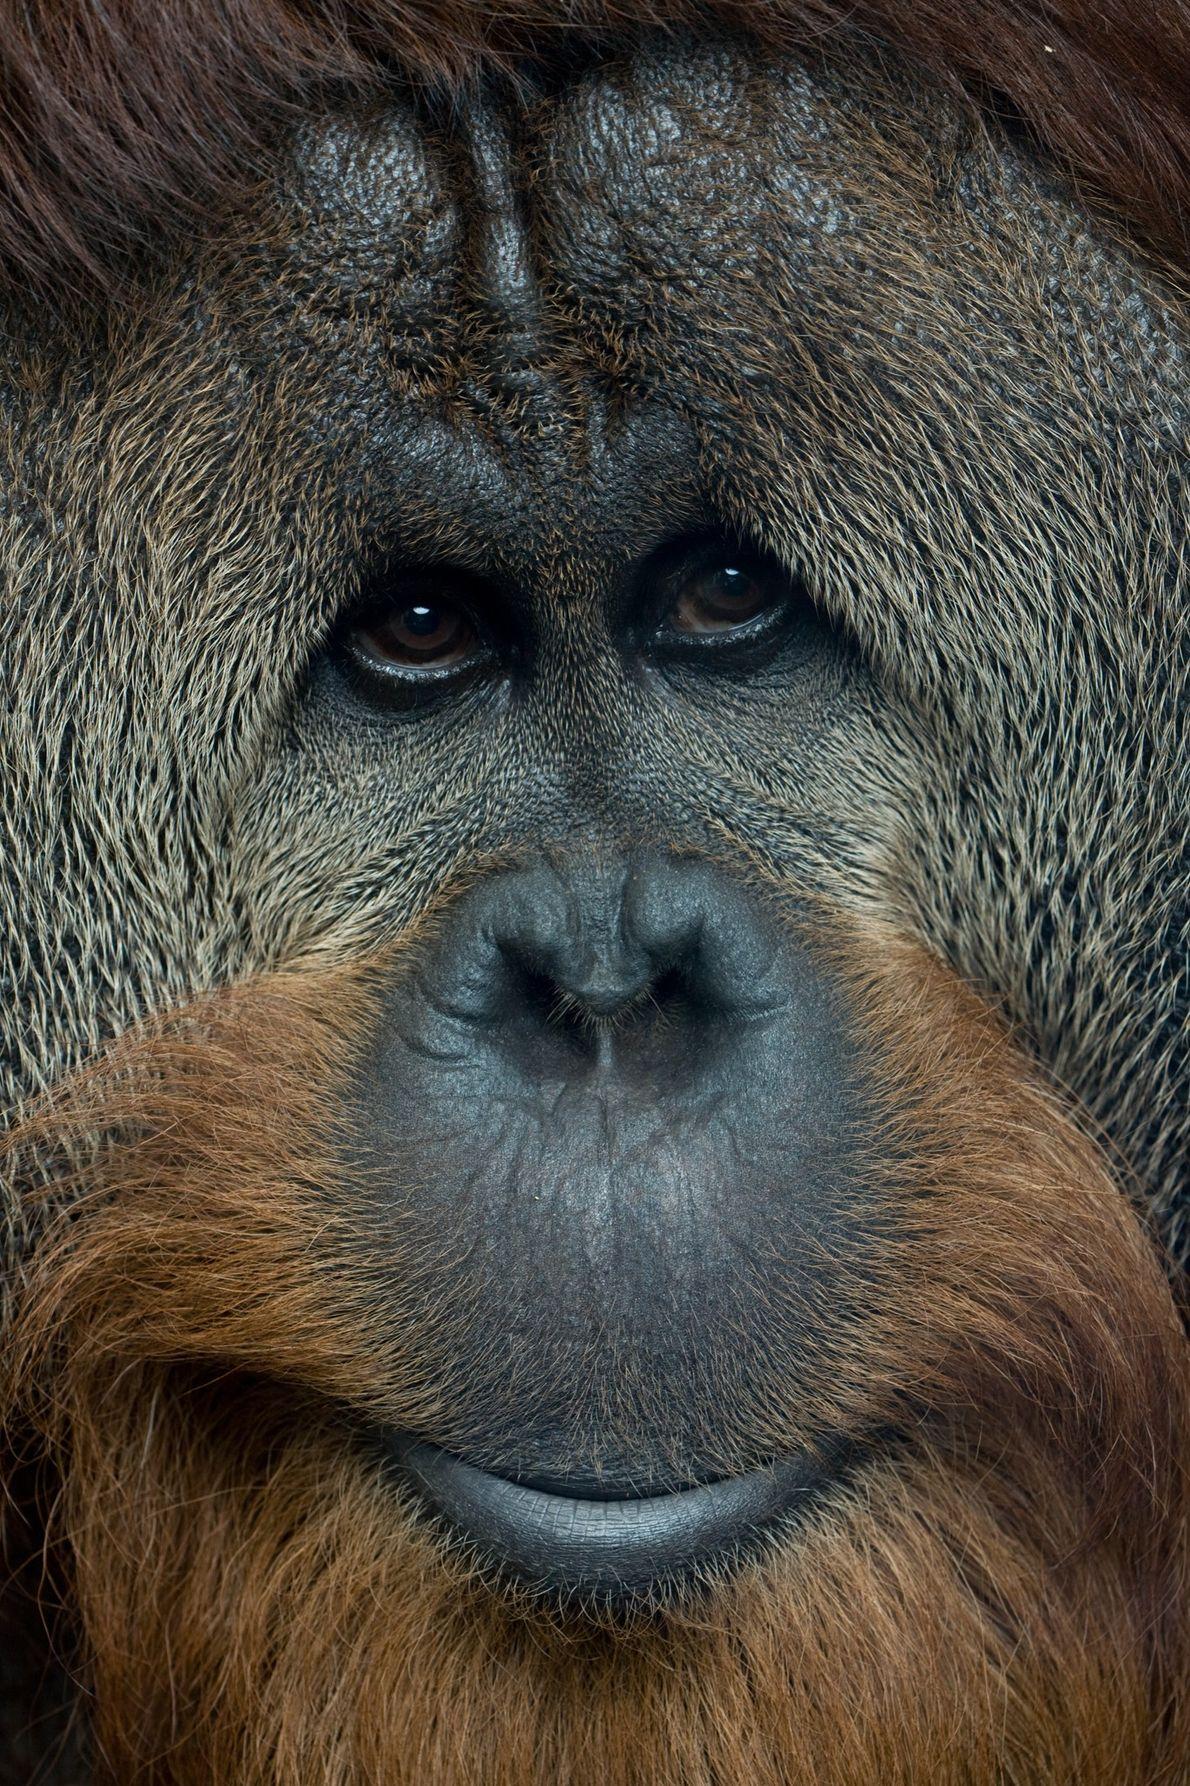 En estado salvaje, las poblaciones individuales de orangutanes tienen comportamientos aprendidos únicos que pasan de generación ...